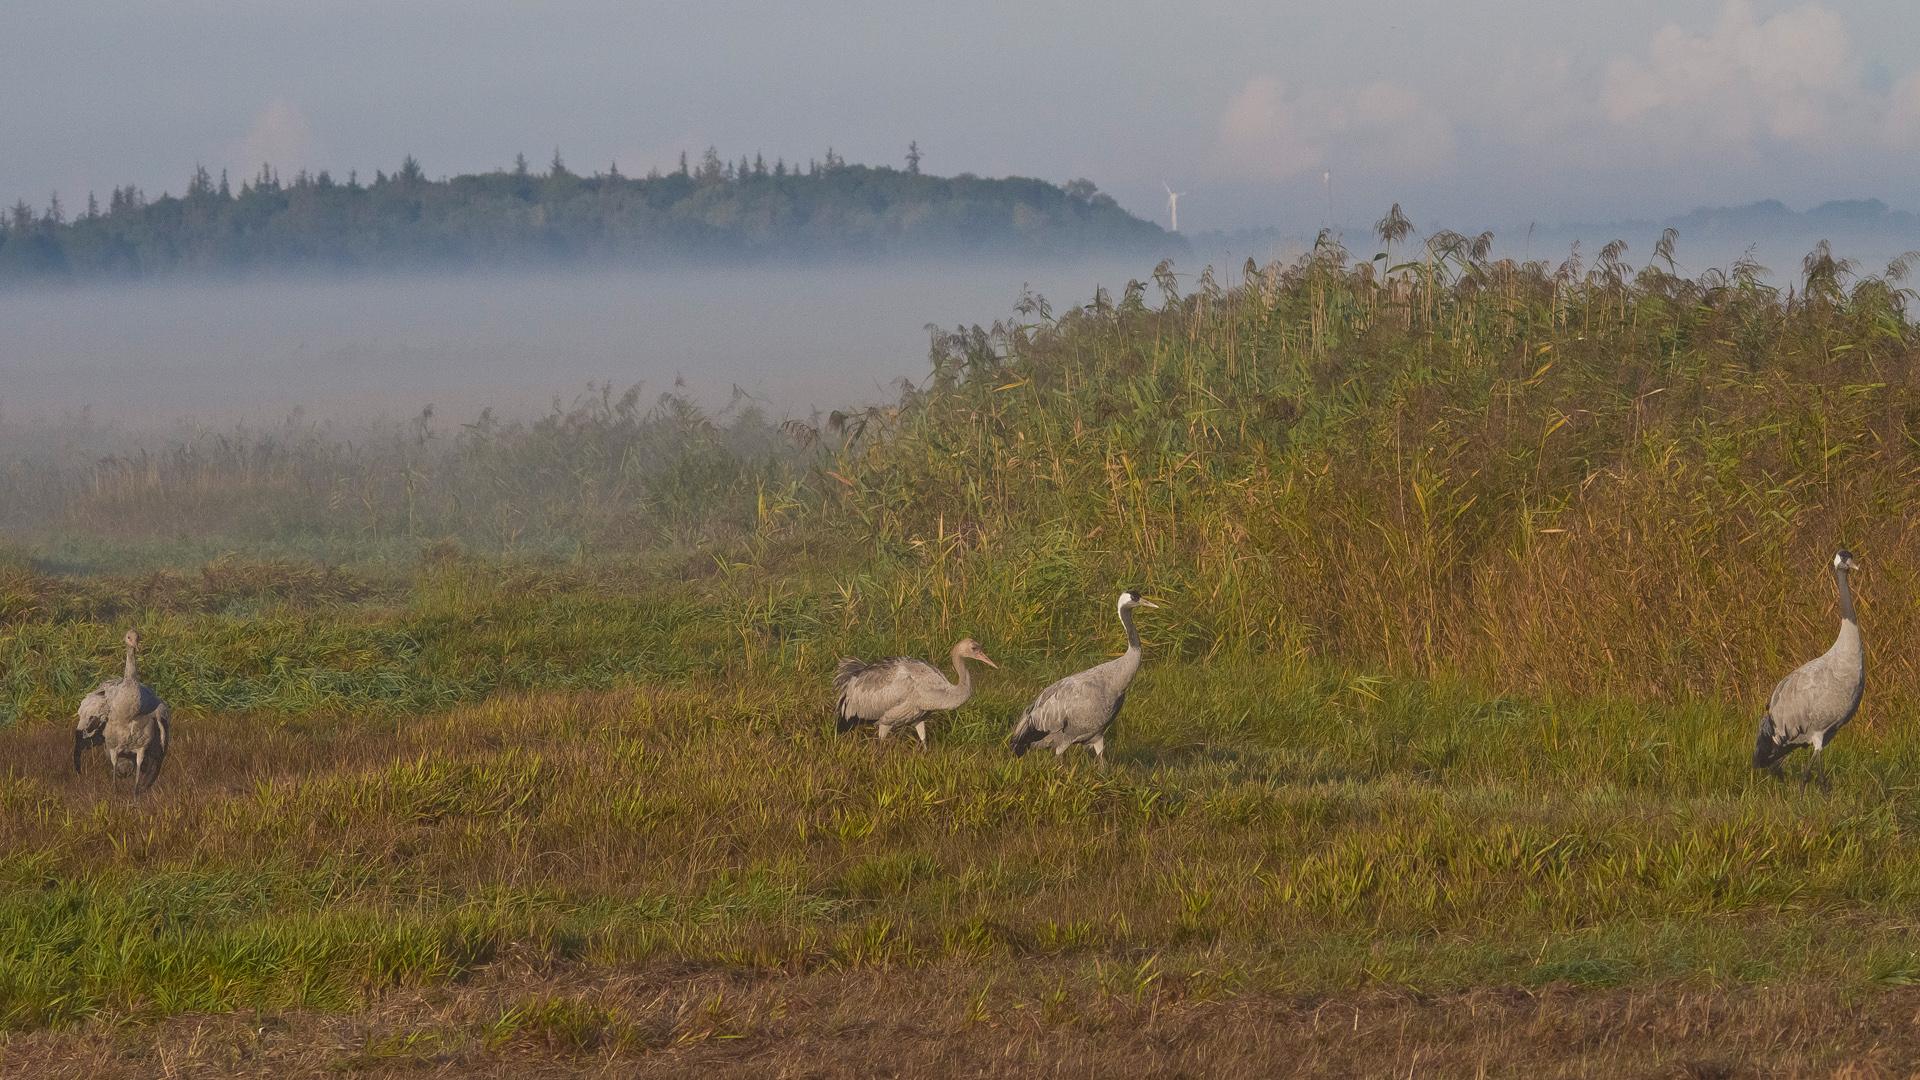 ... der Nebel zaubert Stimmungen in die Landschaft